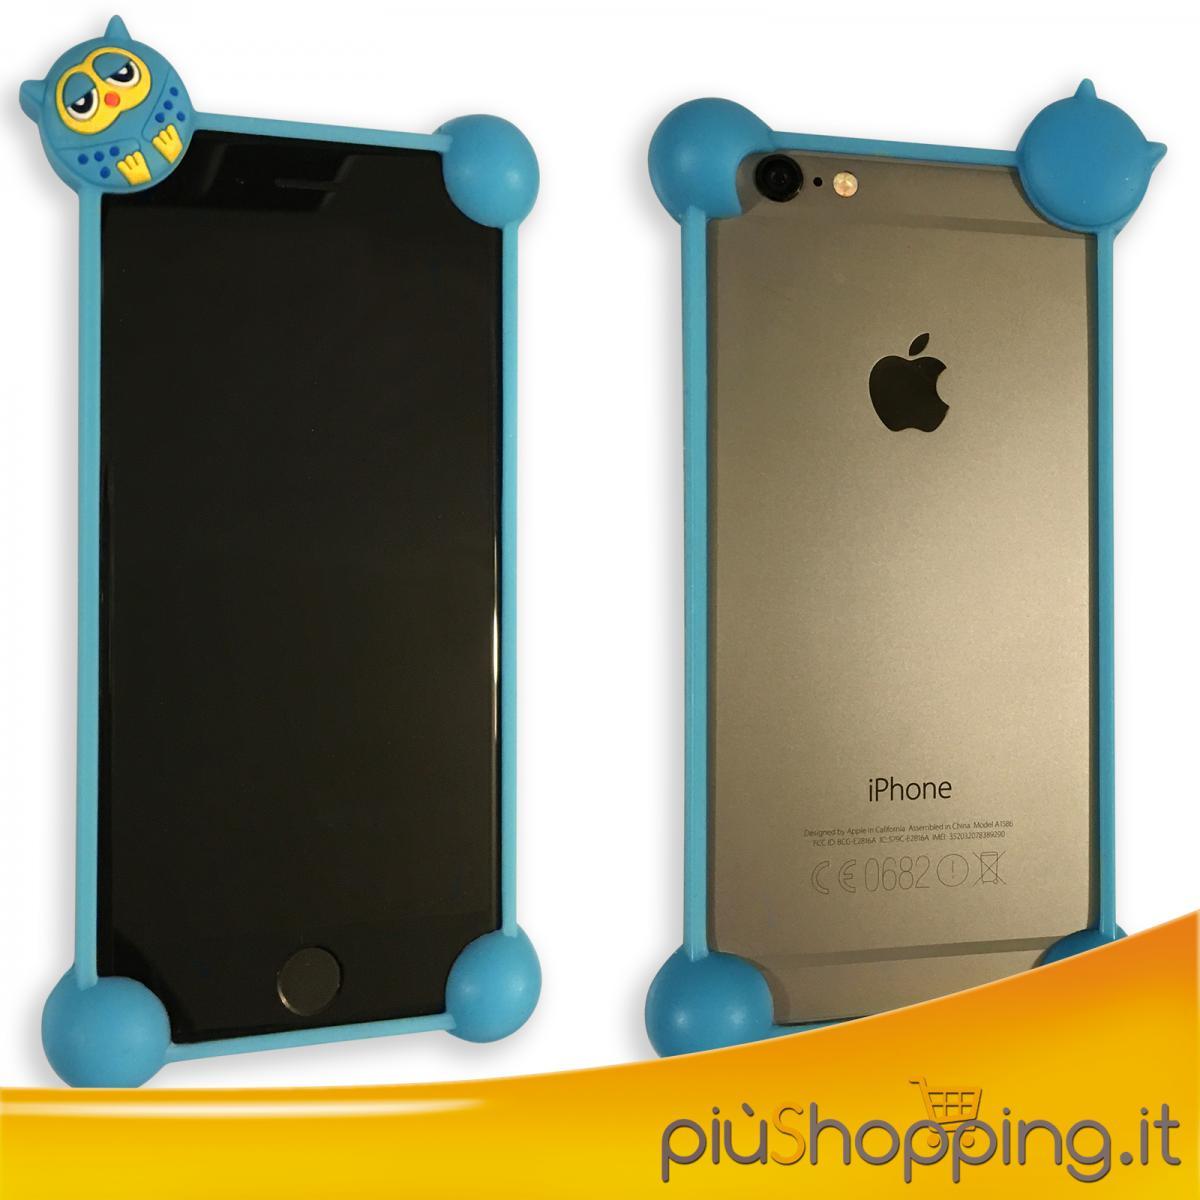 Cover Iphone 3Gs usato vedi tutte i 104 prezzi!